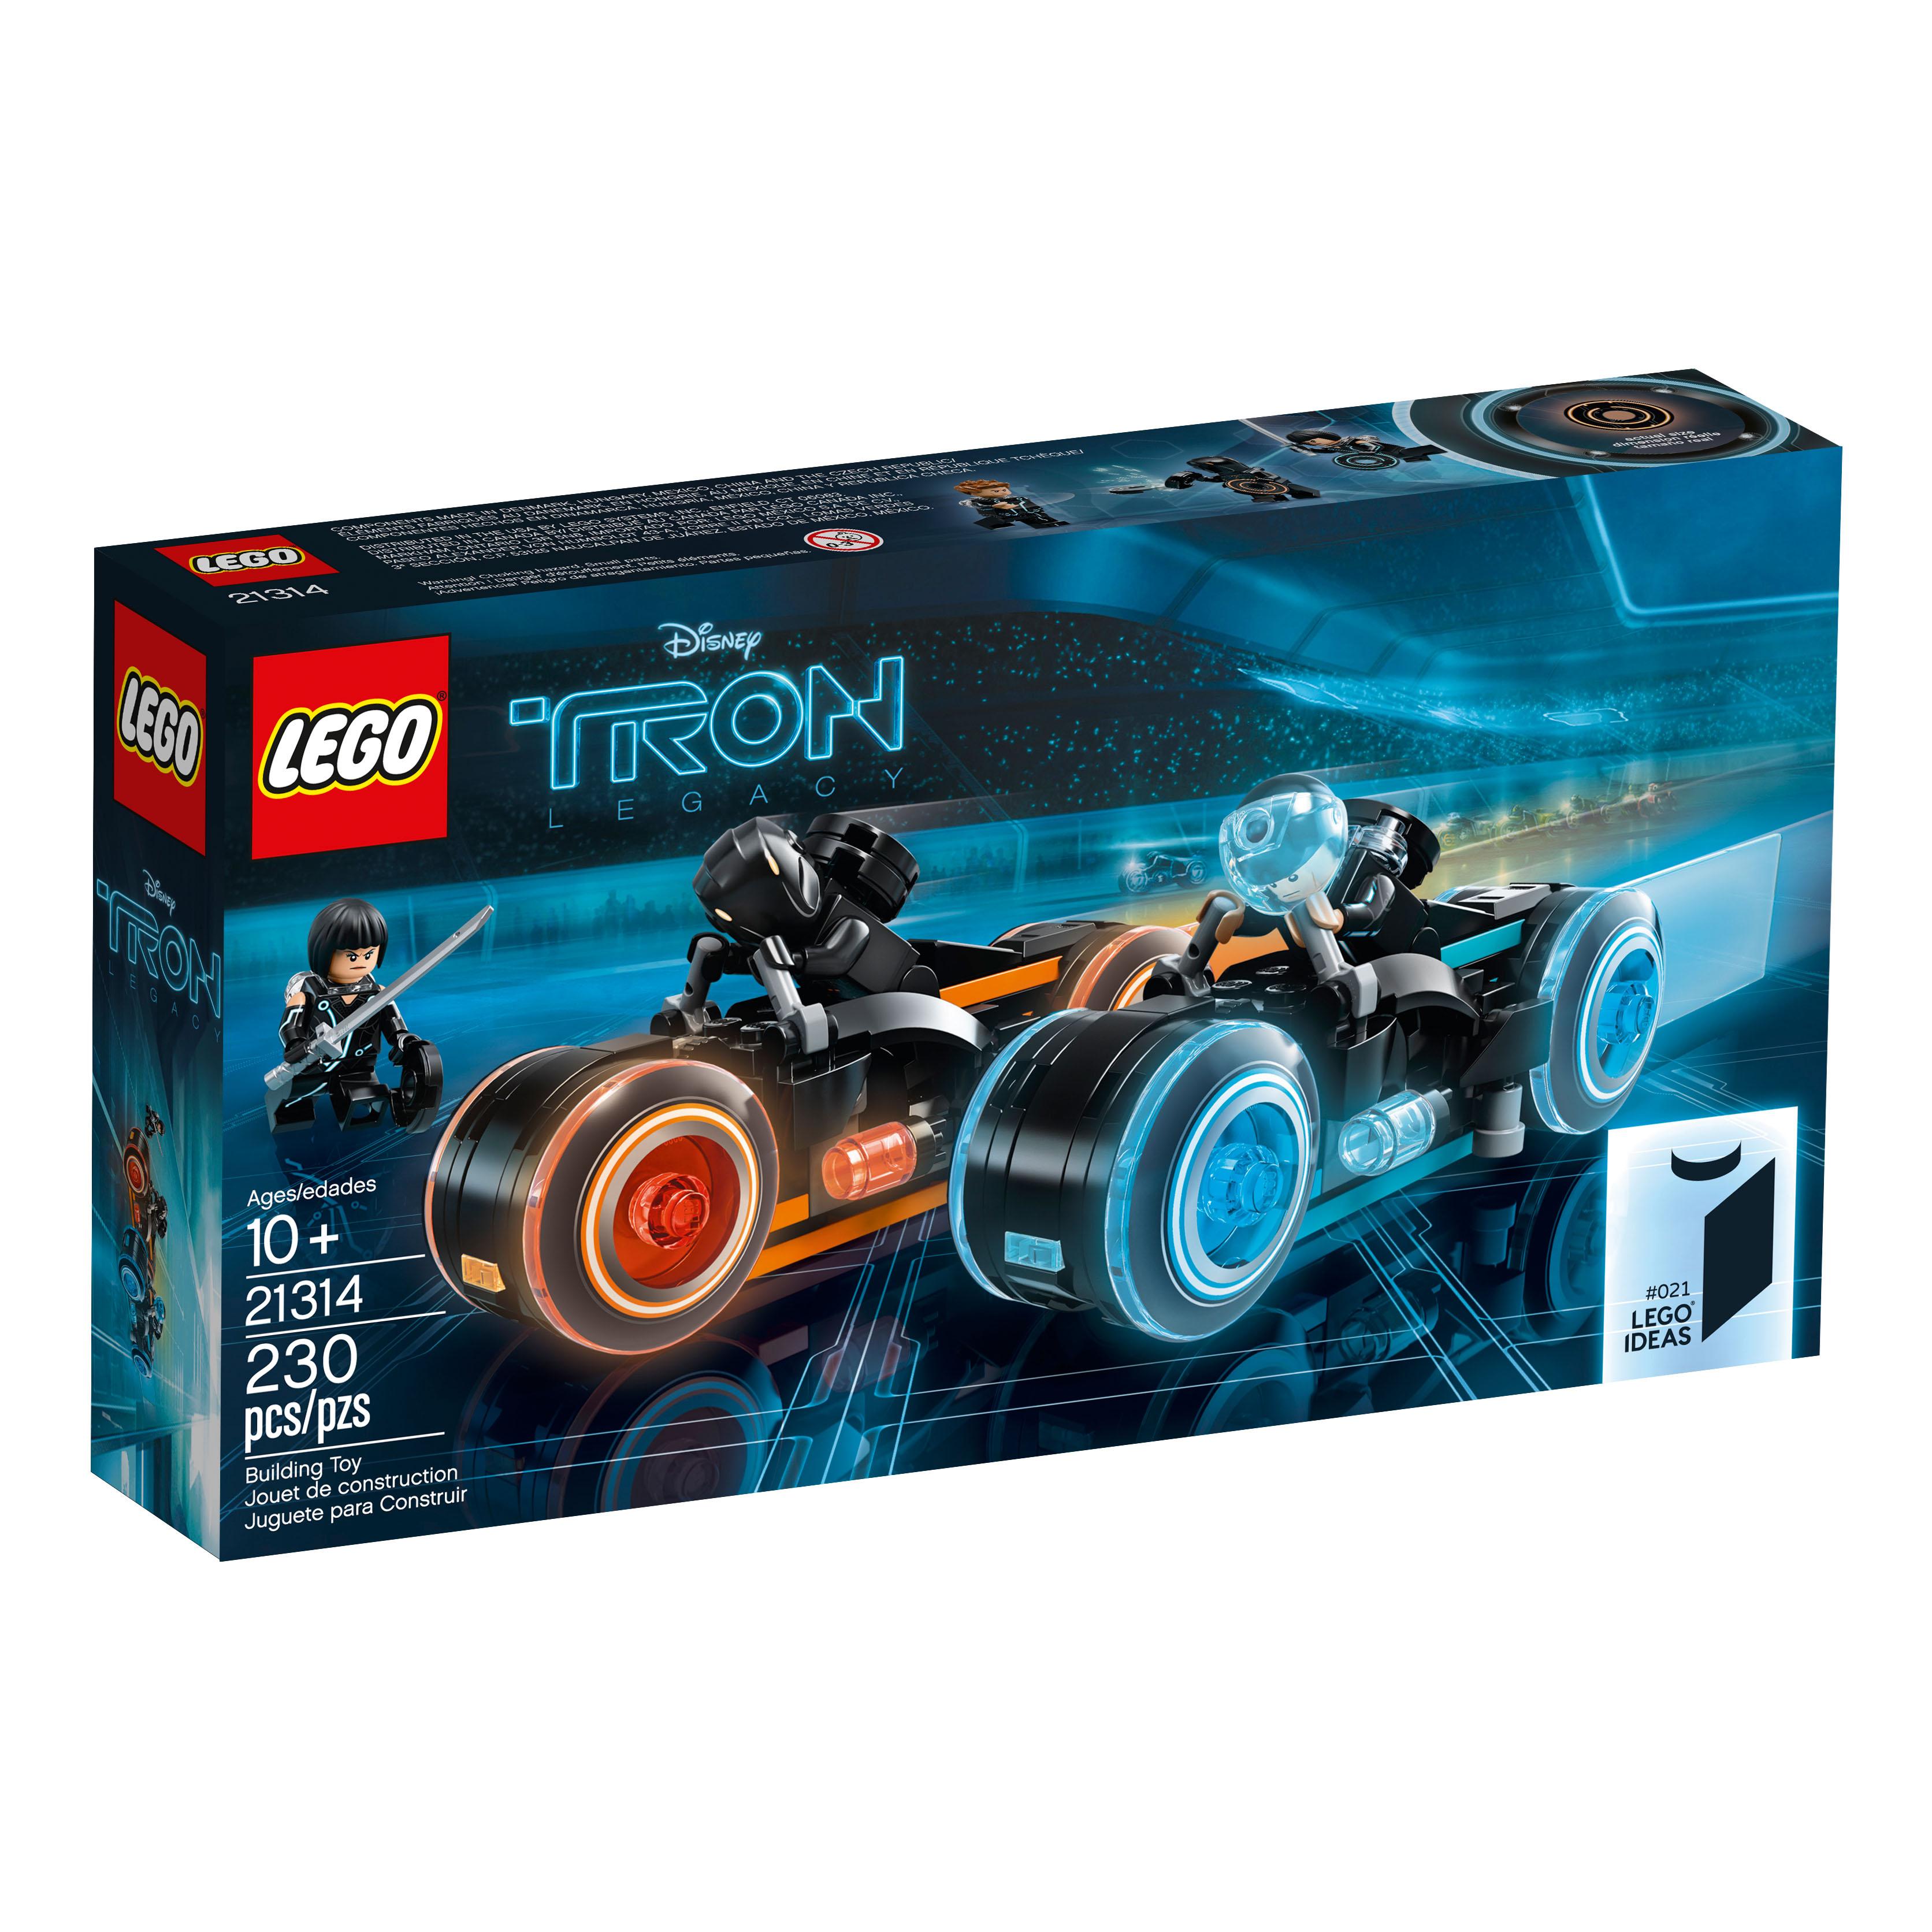 Lego Ideas Tron + Lego SW Solo Brickheadz hivatalos képek